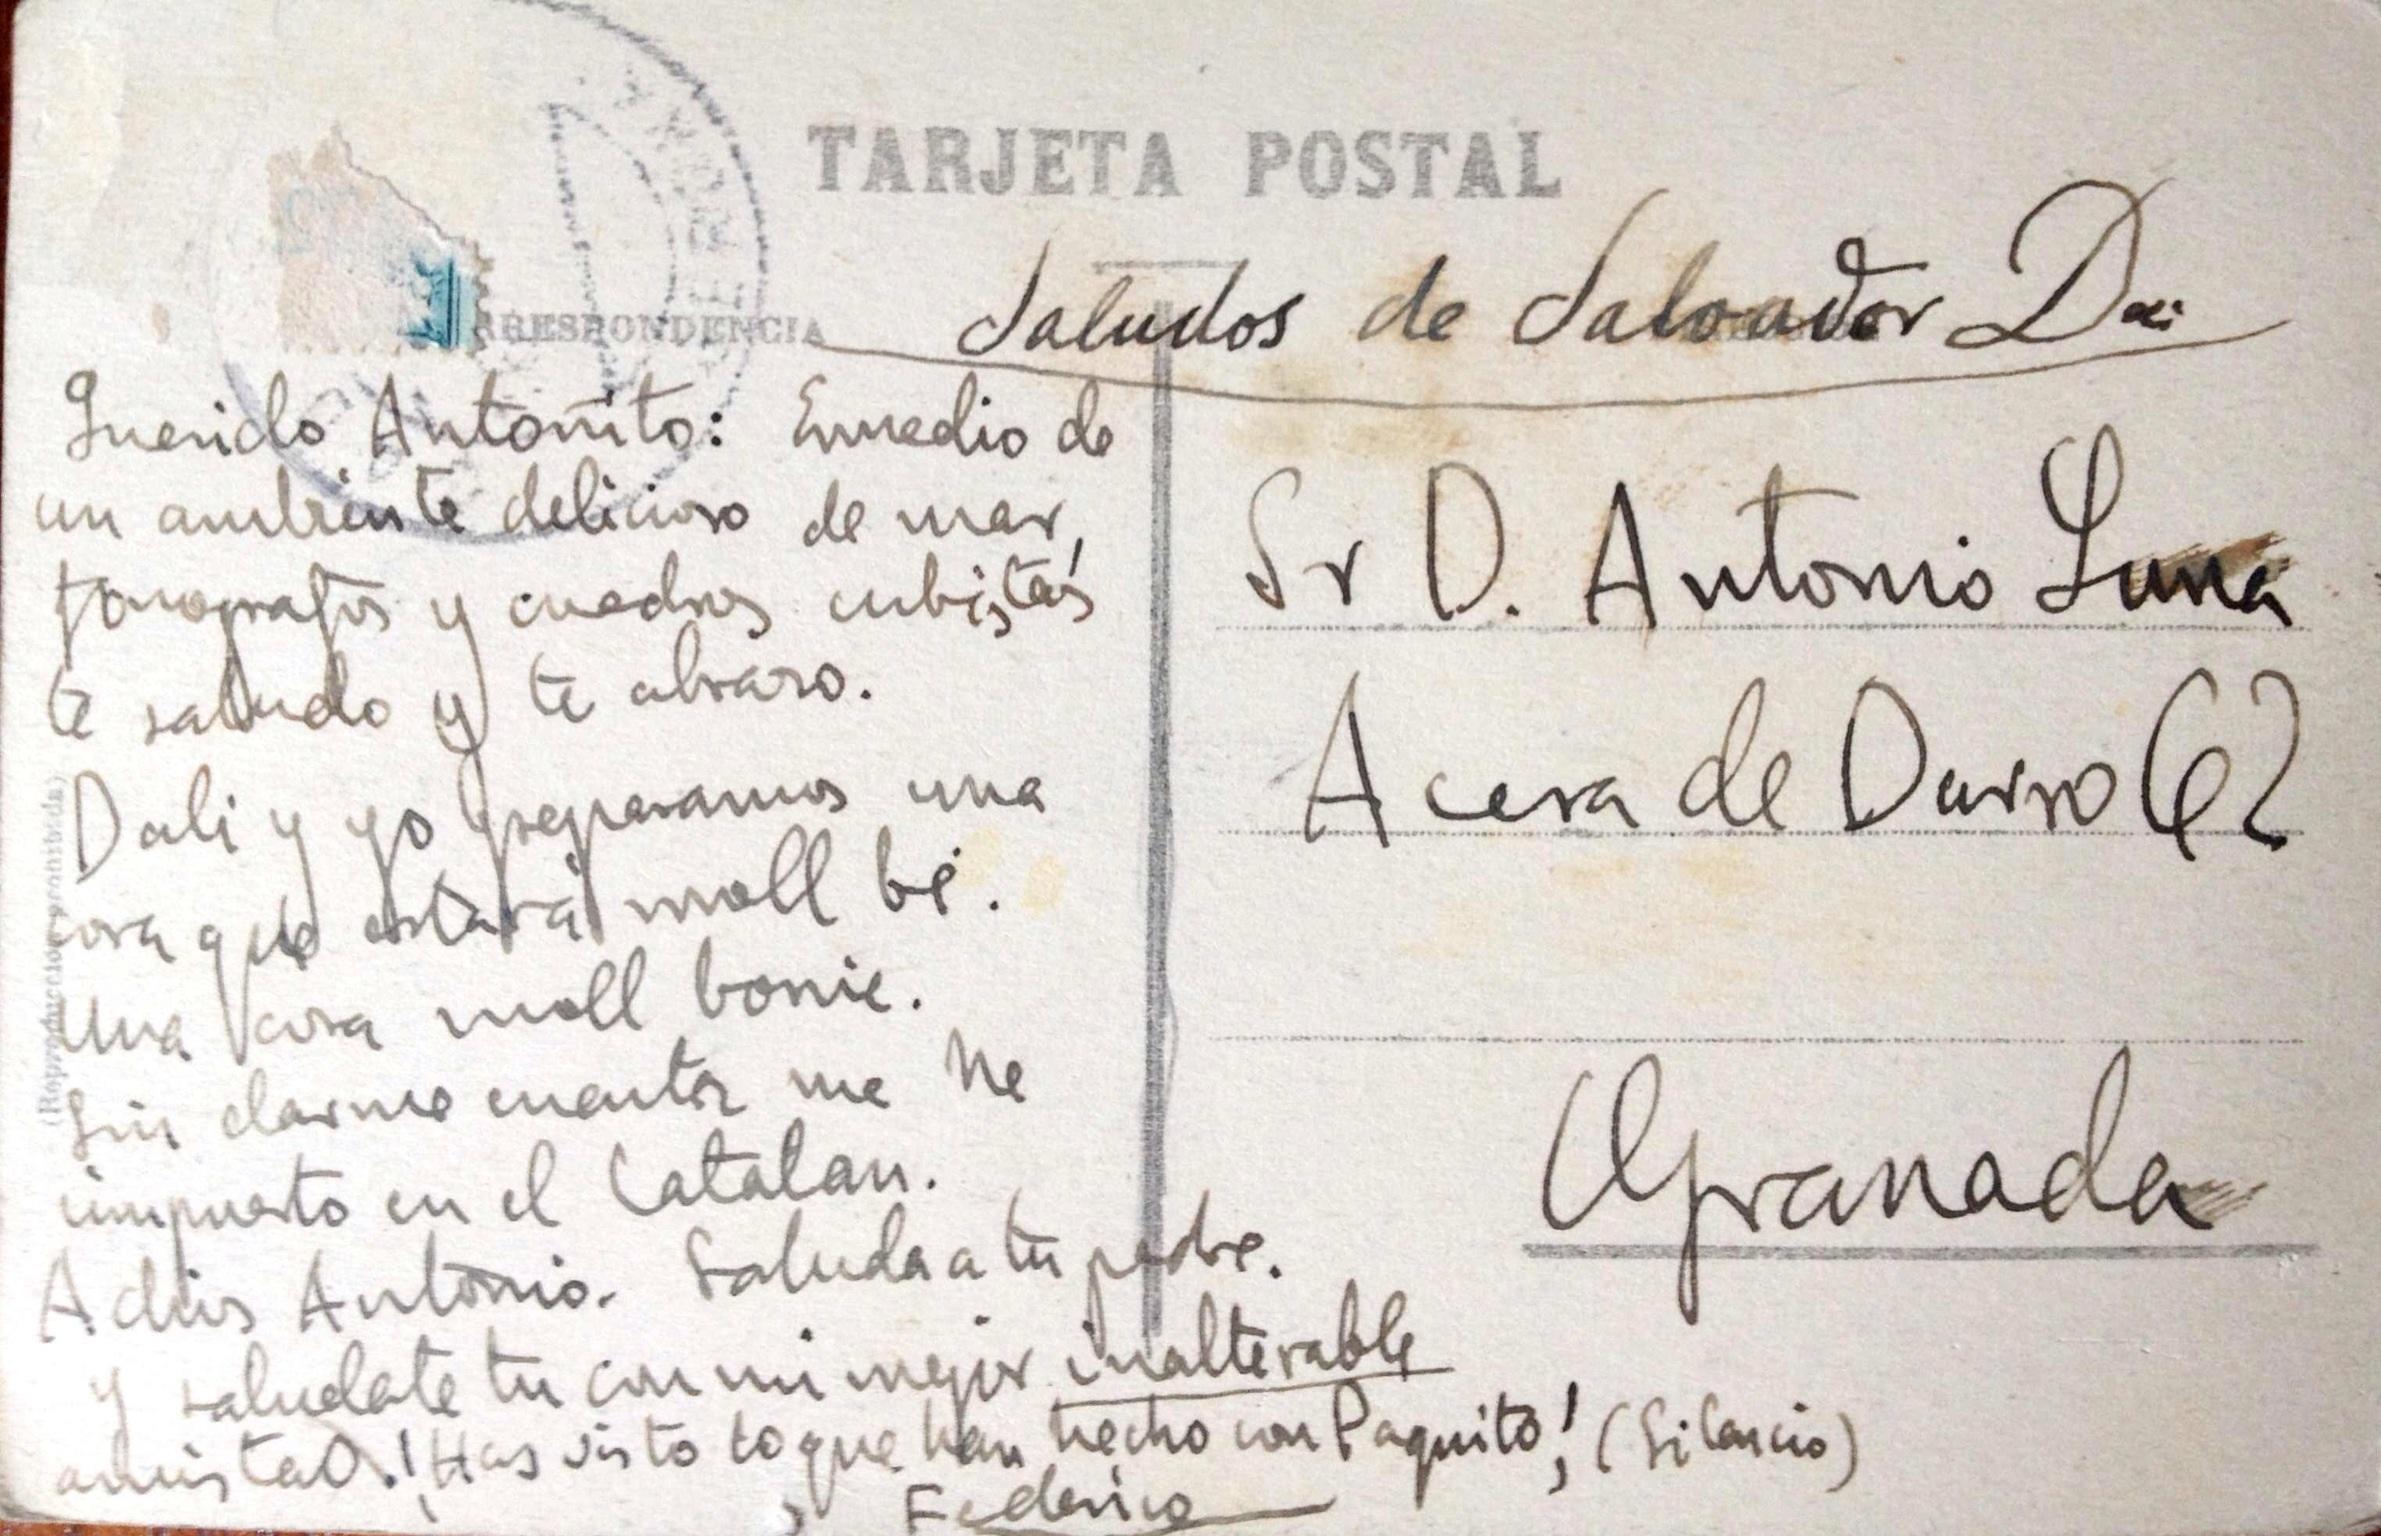 Postal de Federico y Dalí para Antonio de Luna «Querido Antoñito: En medio de un ambiente delicioso de mar, fonógrafos y cuadros cubistas te saludo y te abrazo. Dalí y yo preparamos una cosa que estarà moll bé. Una cosa moll bonic. Sin darme cuenta me he impuesto en el Catalán. Adiós Antonio, saludame a tu padre y saludate tu con mi mejor inalterable amistad. ¡Has visto lo que han hecho con Paquito!, (silencio).»